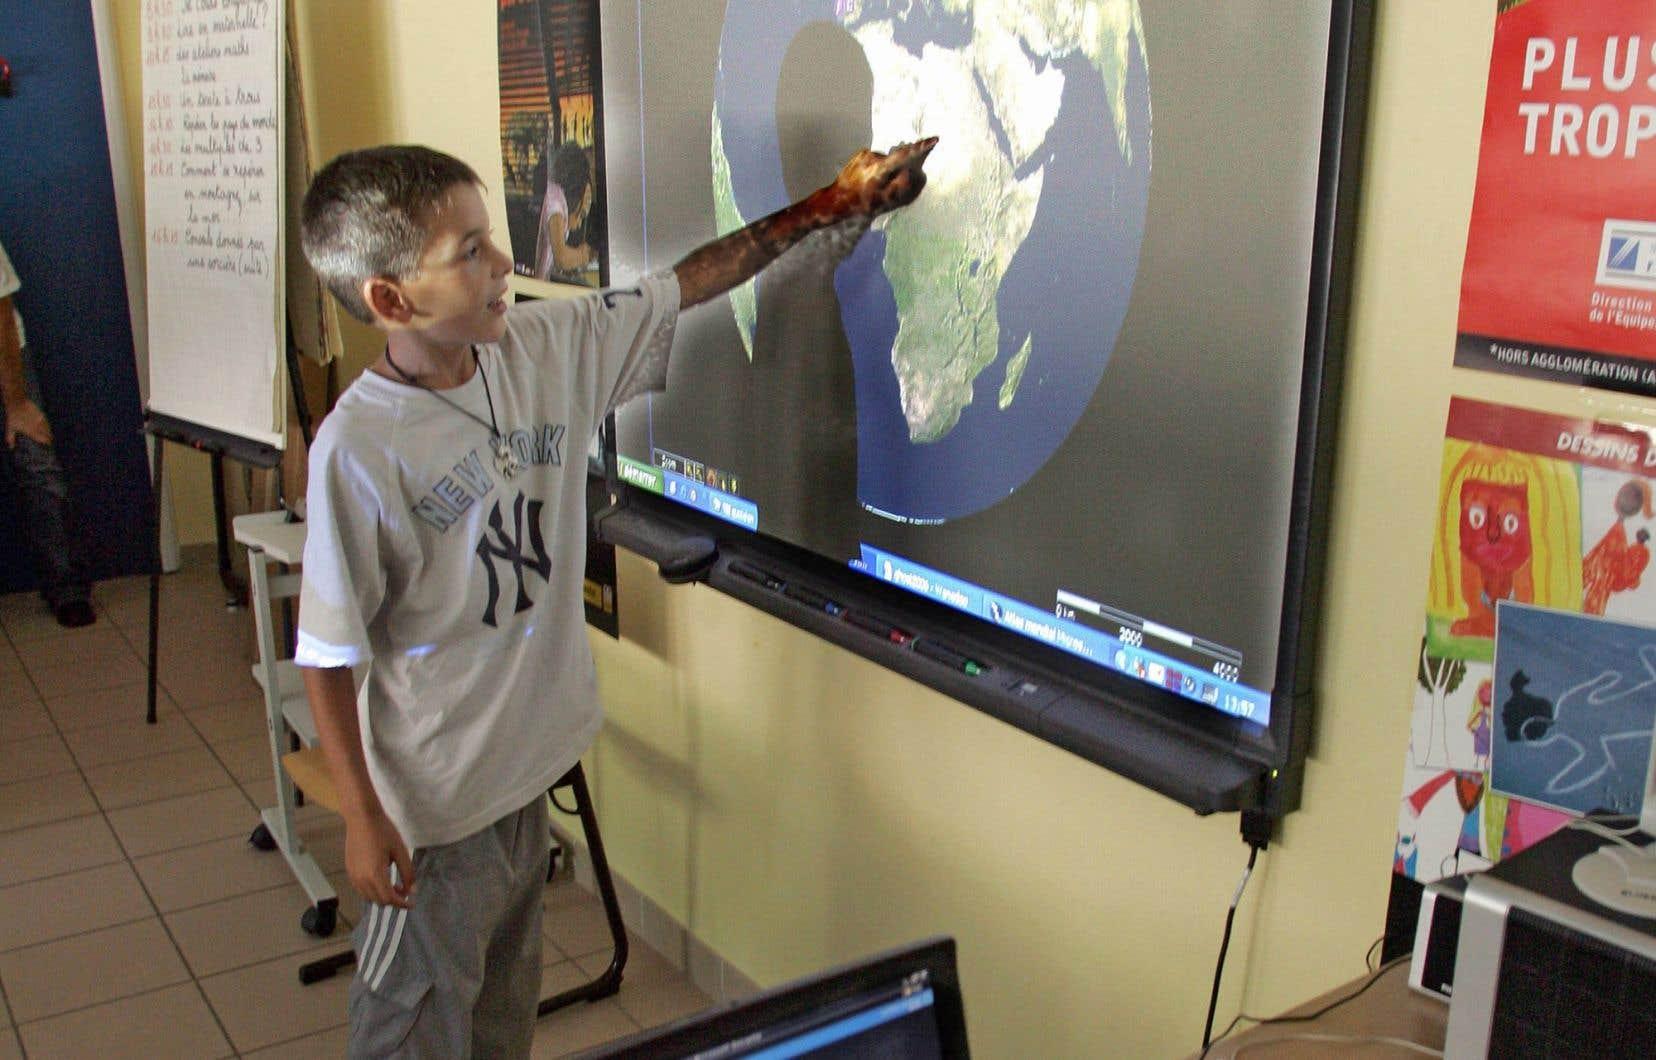 Environ 60 % des écoles du Québec sont dotées de tableaux numériques interactifs et le gouvernement libéral souhaite qu'il soit implanté partout d'ici quelques années.